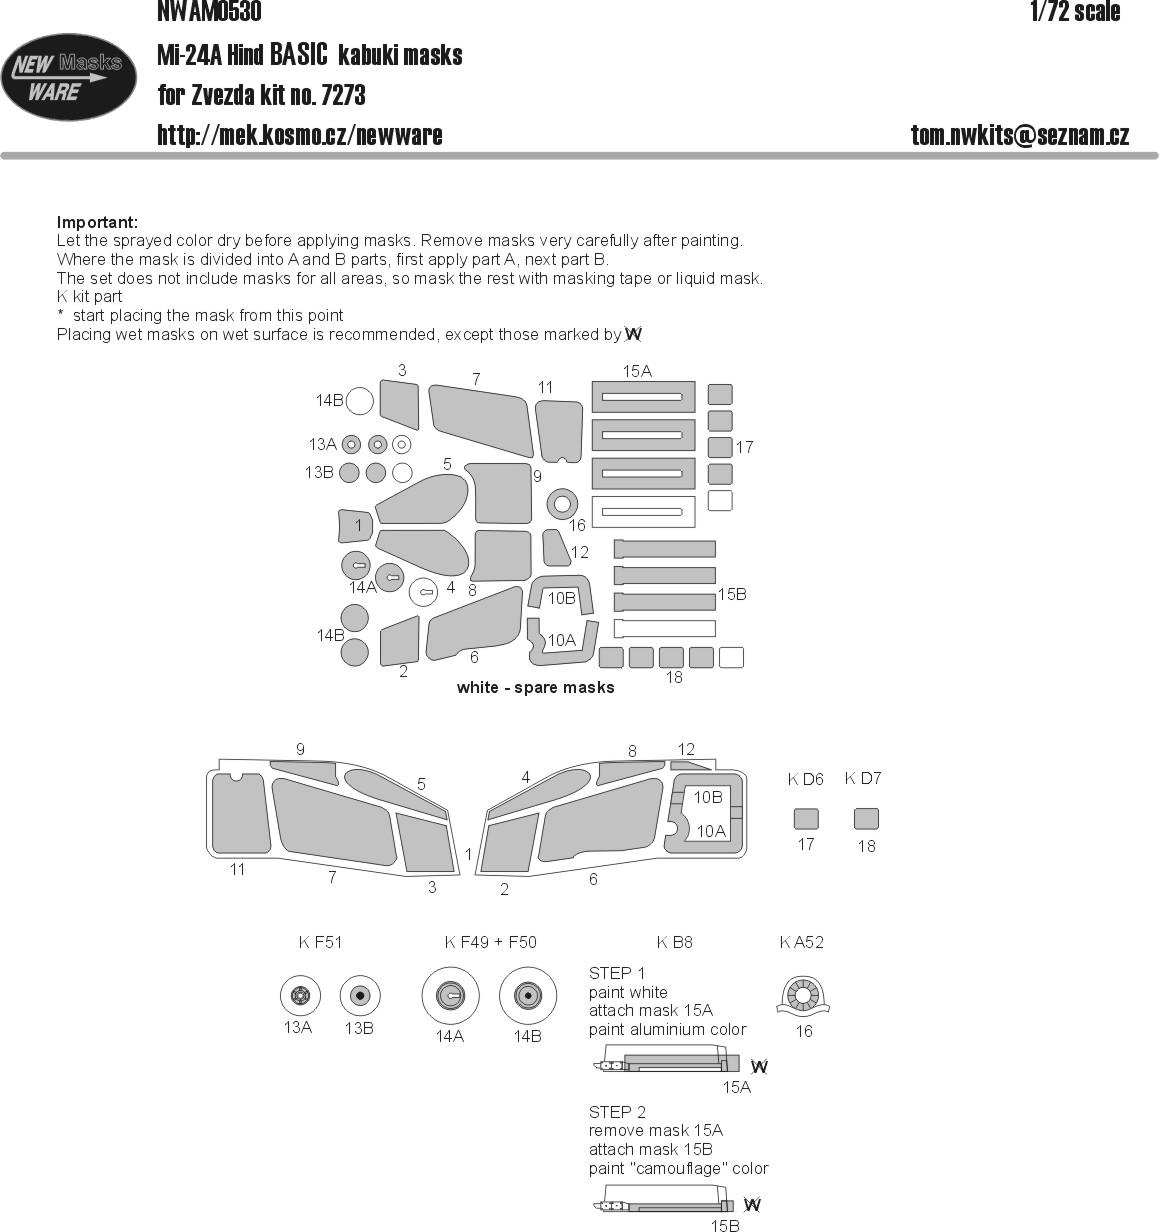 NWAM0530